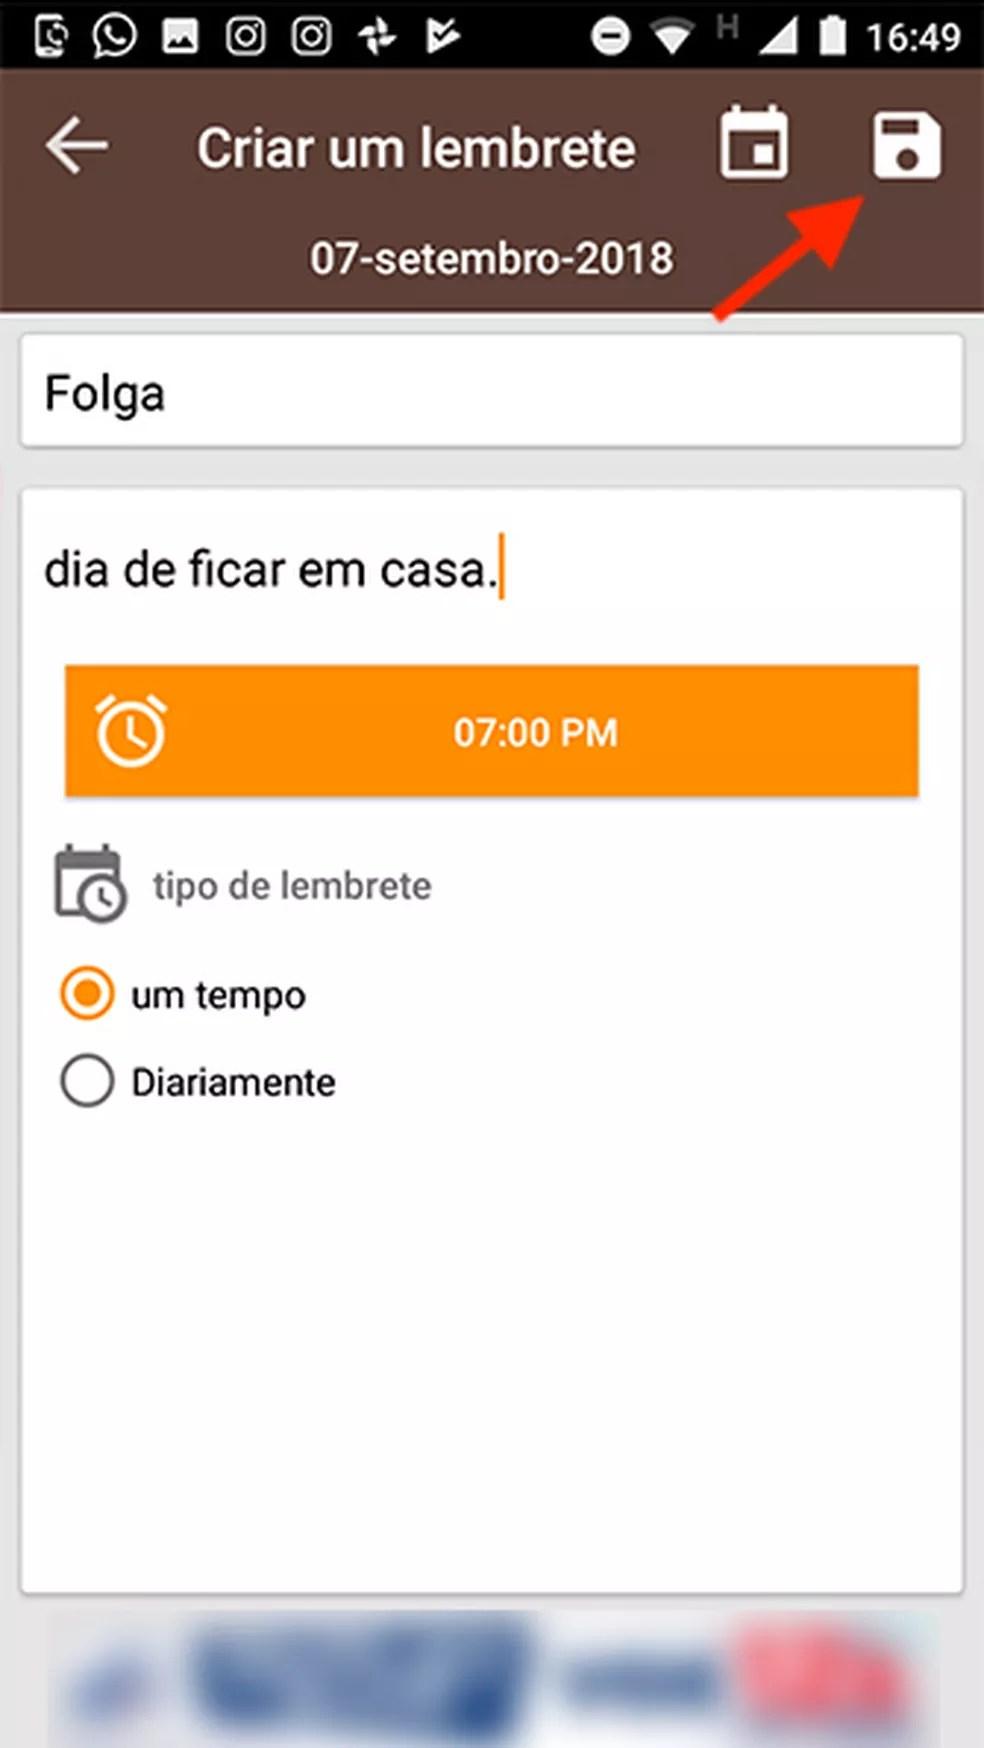 Opção para salvar um lembrete de folga no app Feriados 2018 (Foto: Reprodução/Marvin Costa)